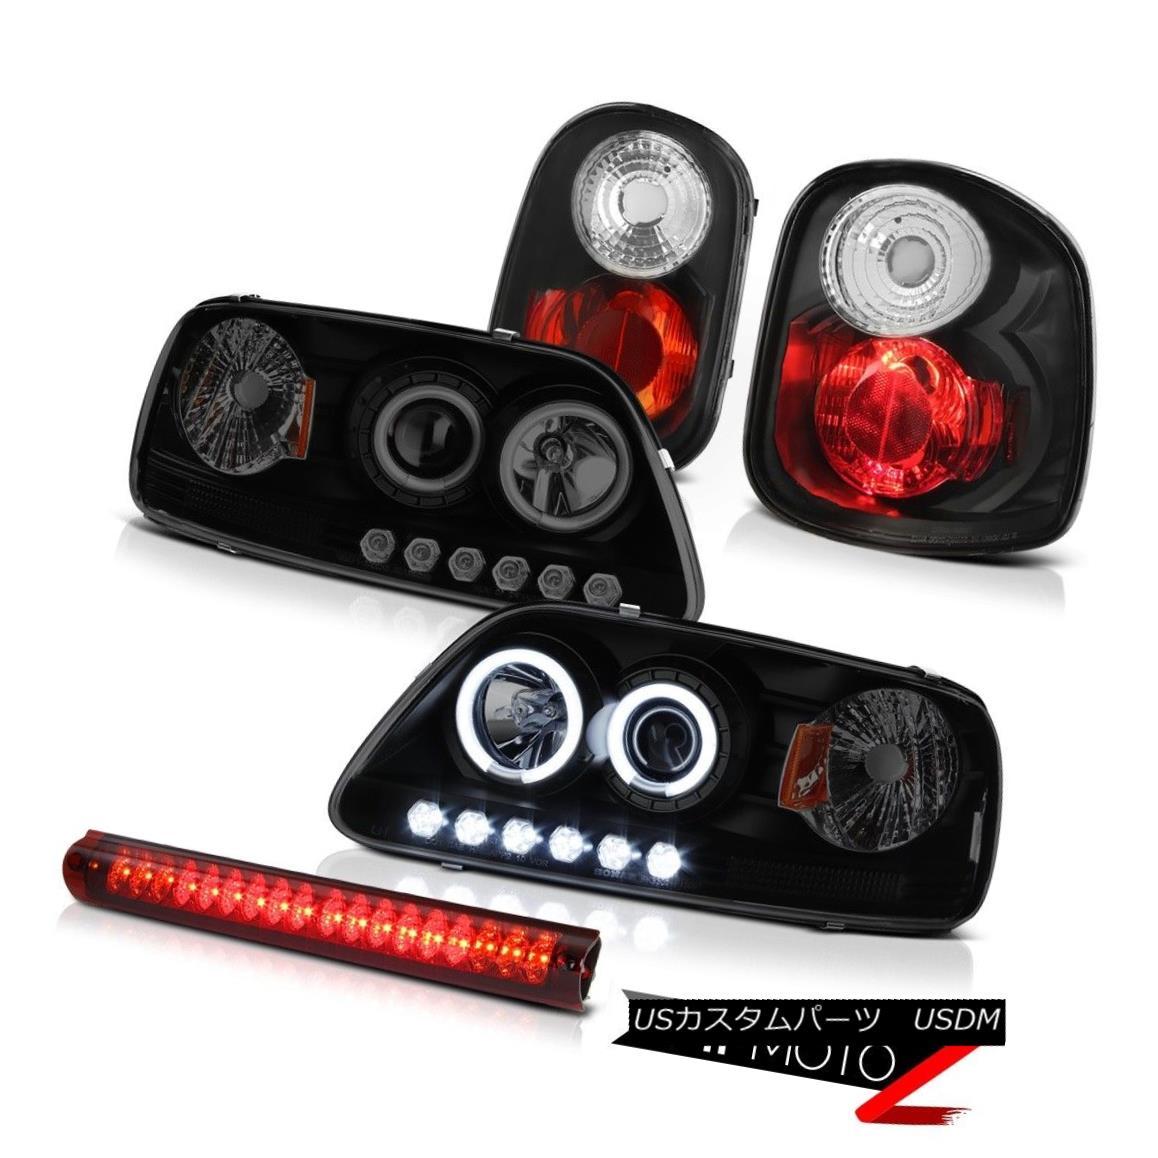 テールライト Halo CCFL Angel Eye Headlights Tail Lights 3rd Brake lamp Red LED 01-03 F150 XLT Halo CCFL Angel Eyeヘッドライトテールライト3rdブレーキランプRed LED 01-03 F150 XLT